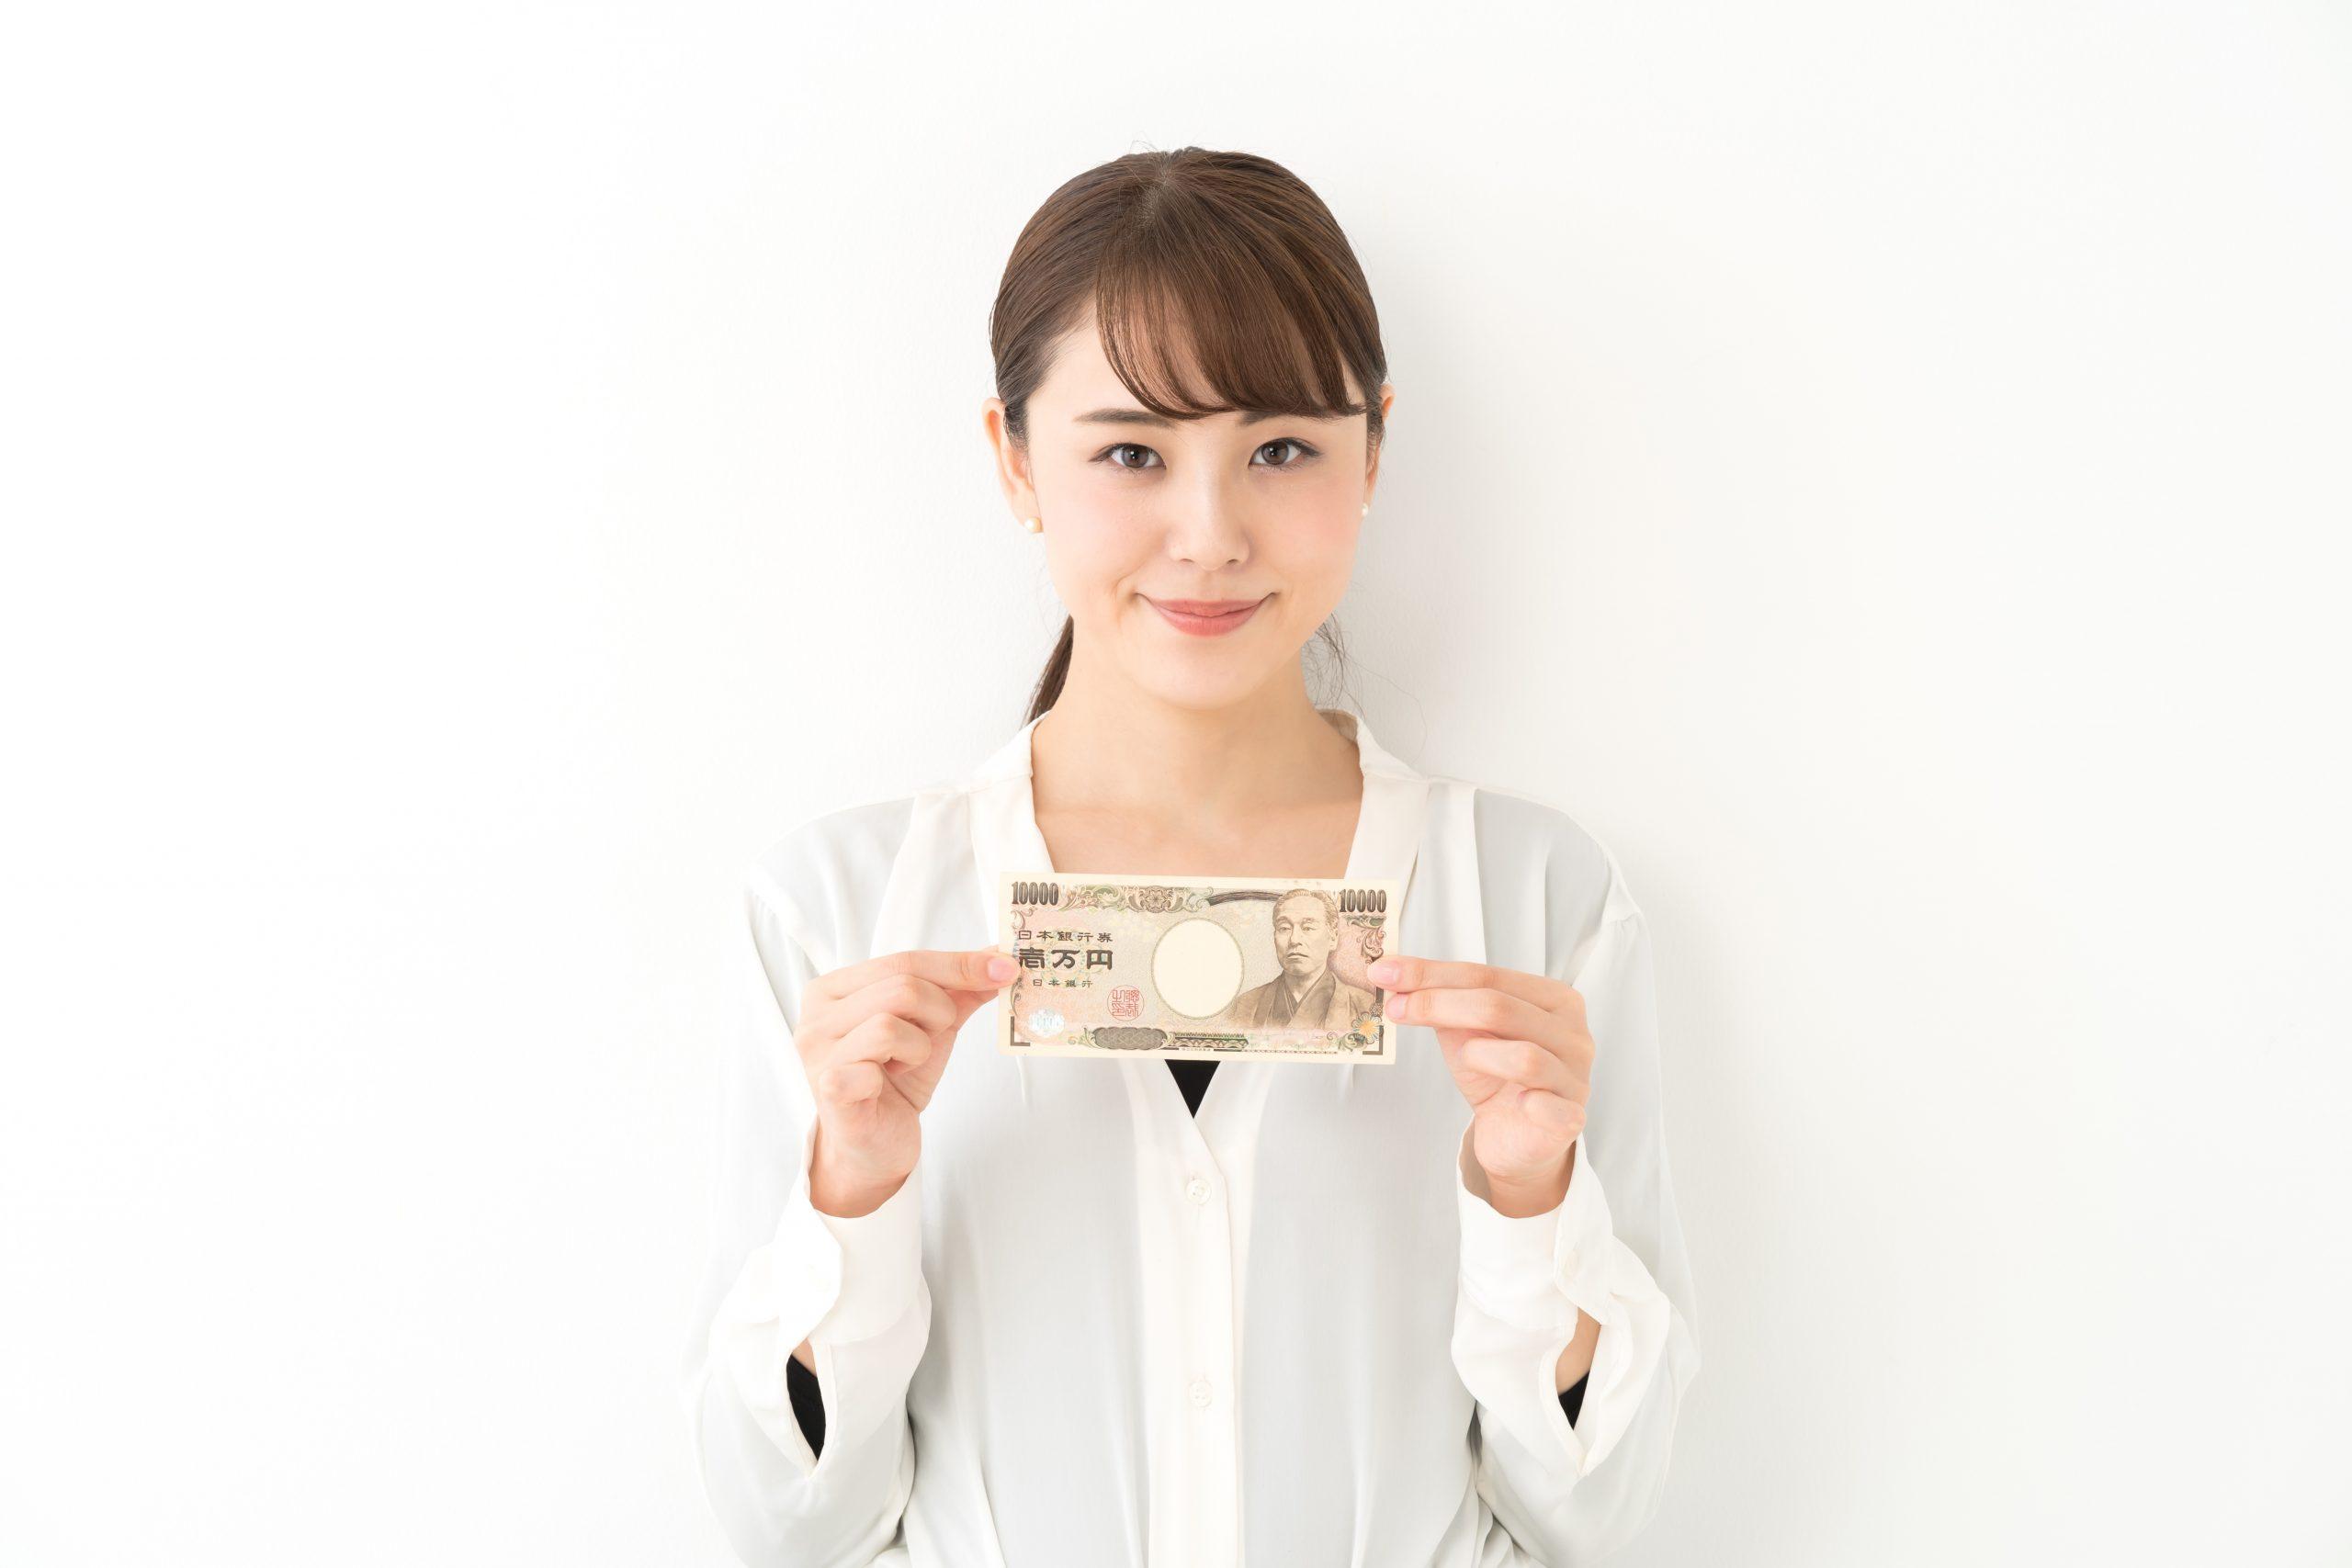 お金を両手で持つ笑顔の女性